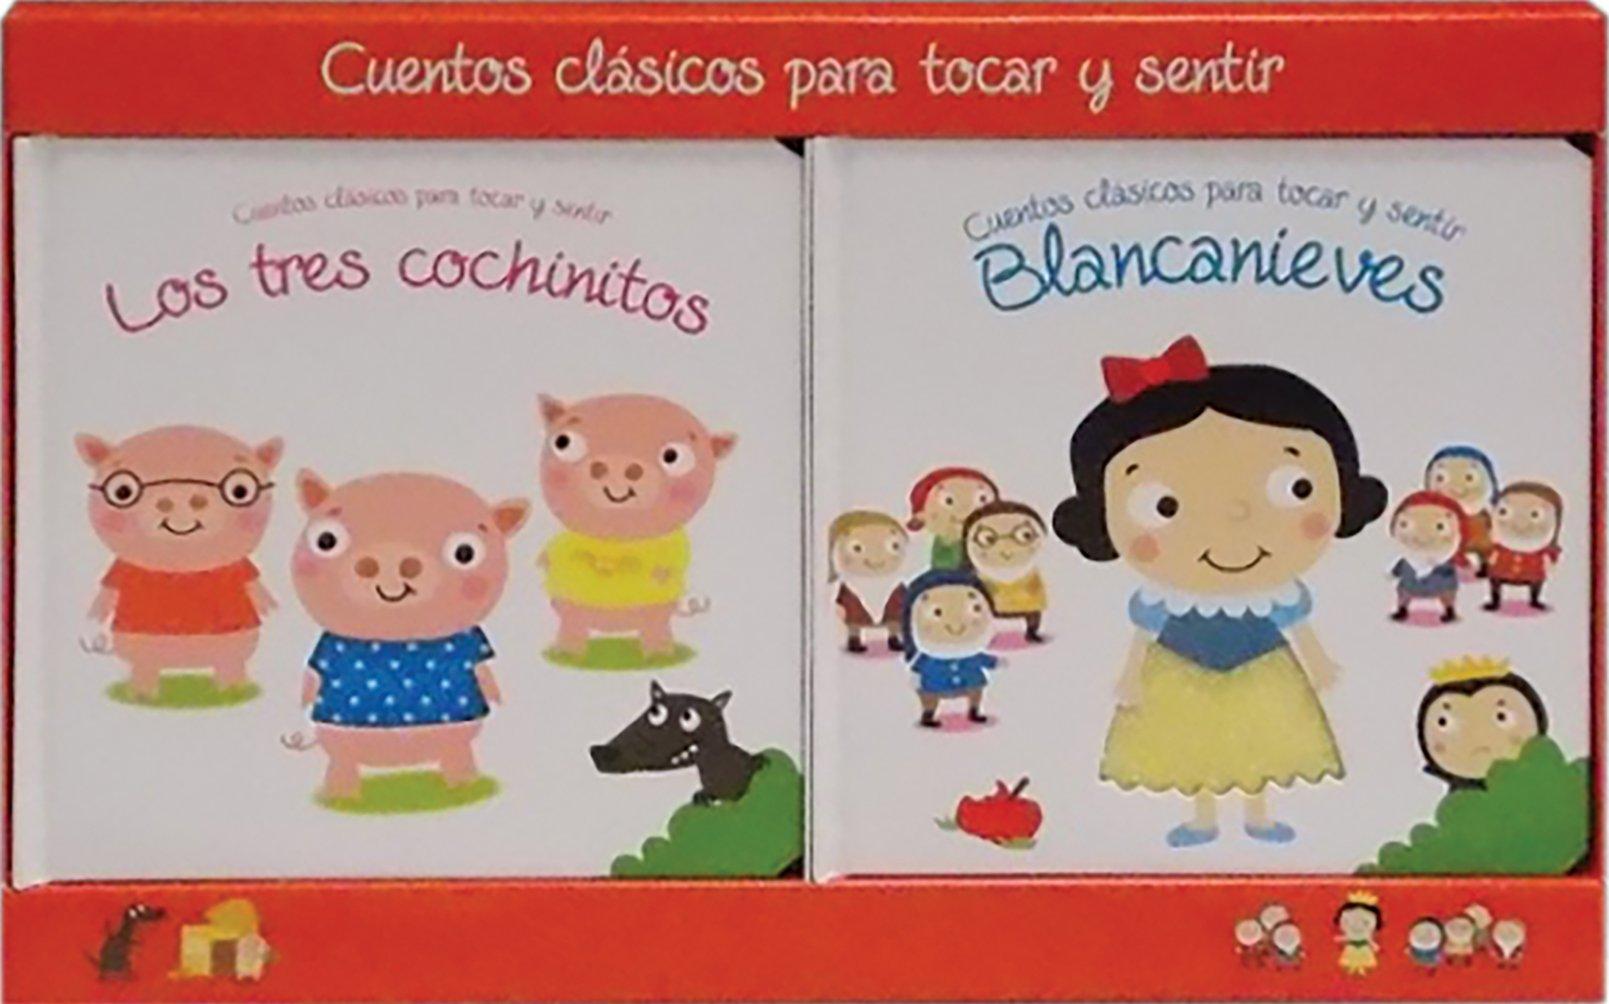 Cuentos clasicos toca y siente 2-pack 1: Amazon.es: Libros